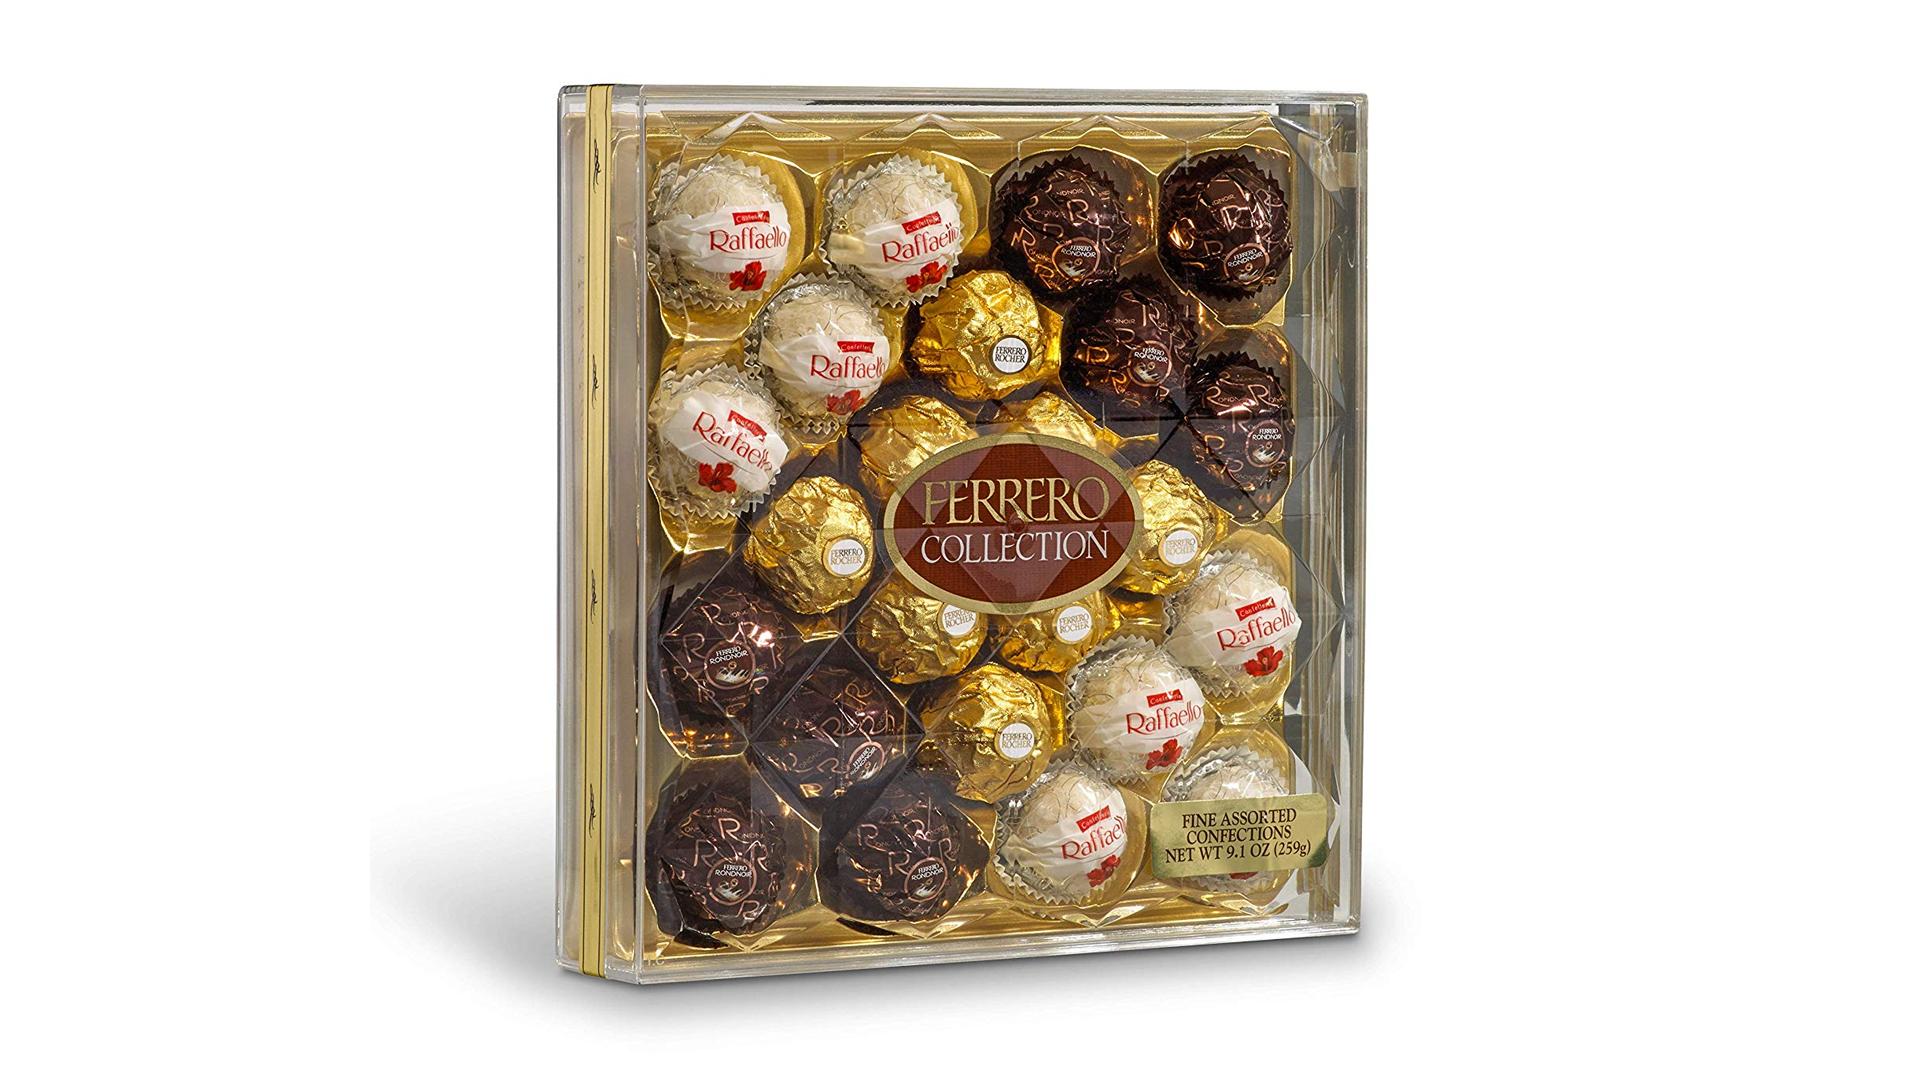 The FERRERO ROUCHER assorted chocolate box.